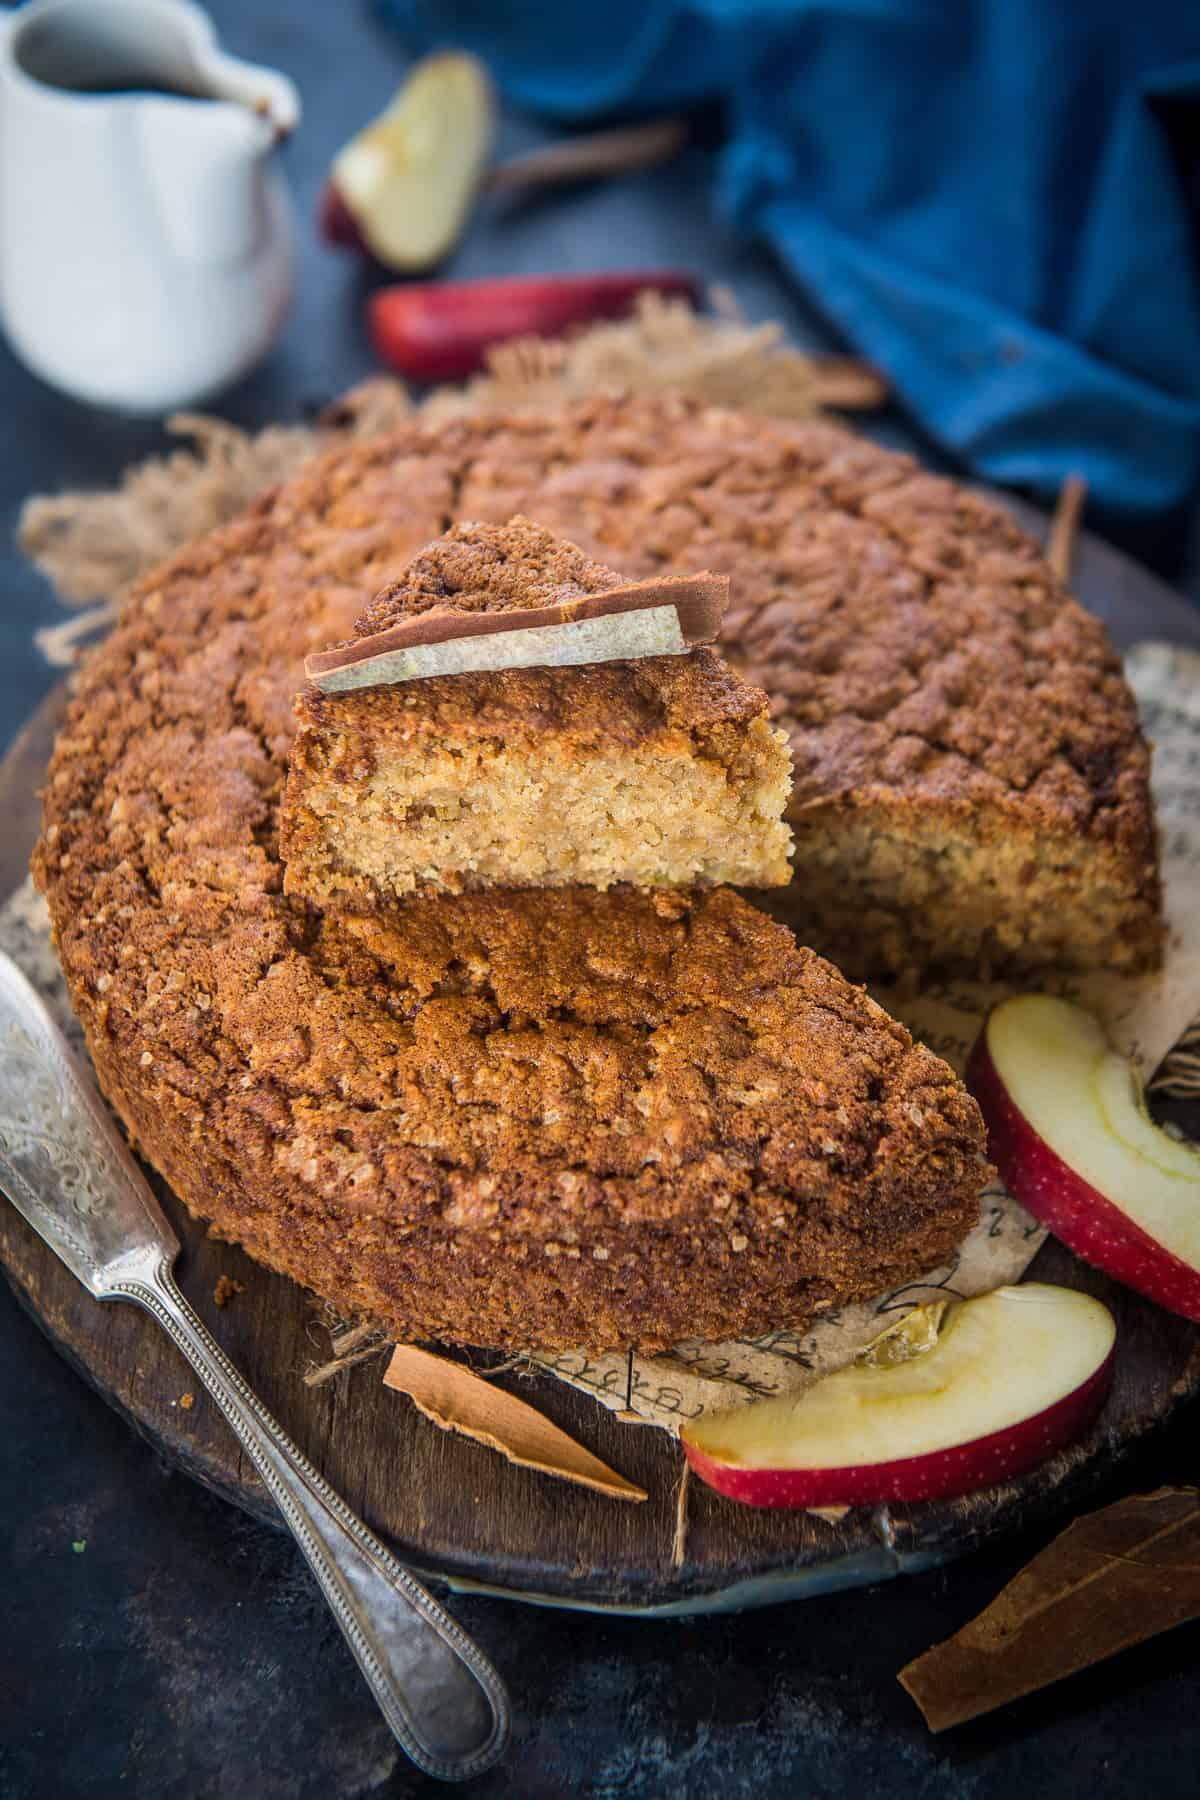 Apple Cinnamon cake served on a plate.